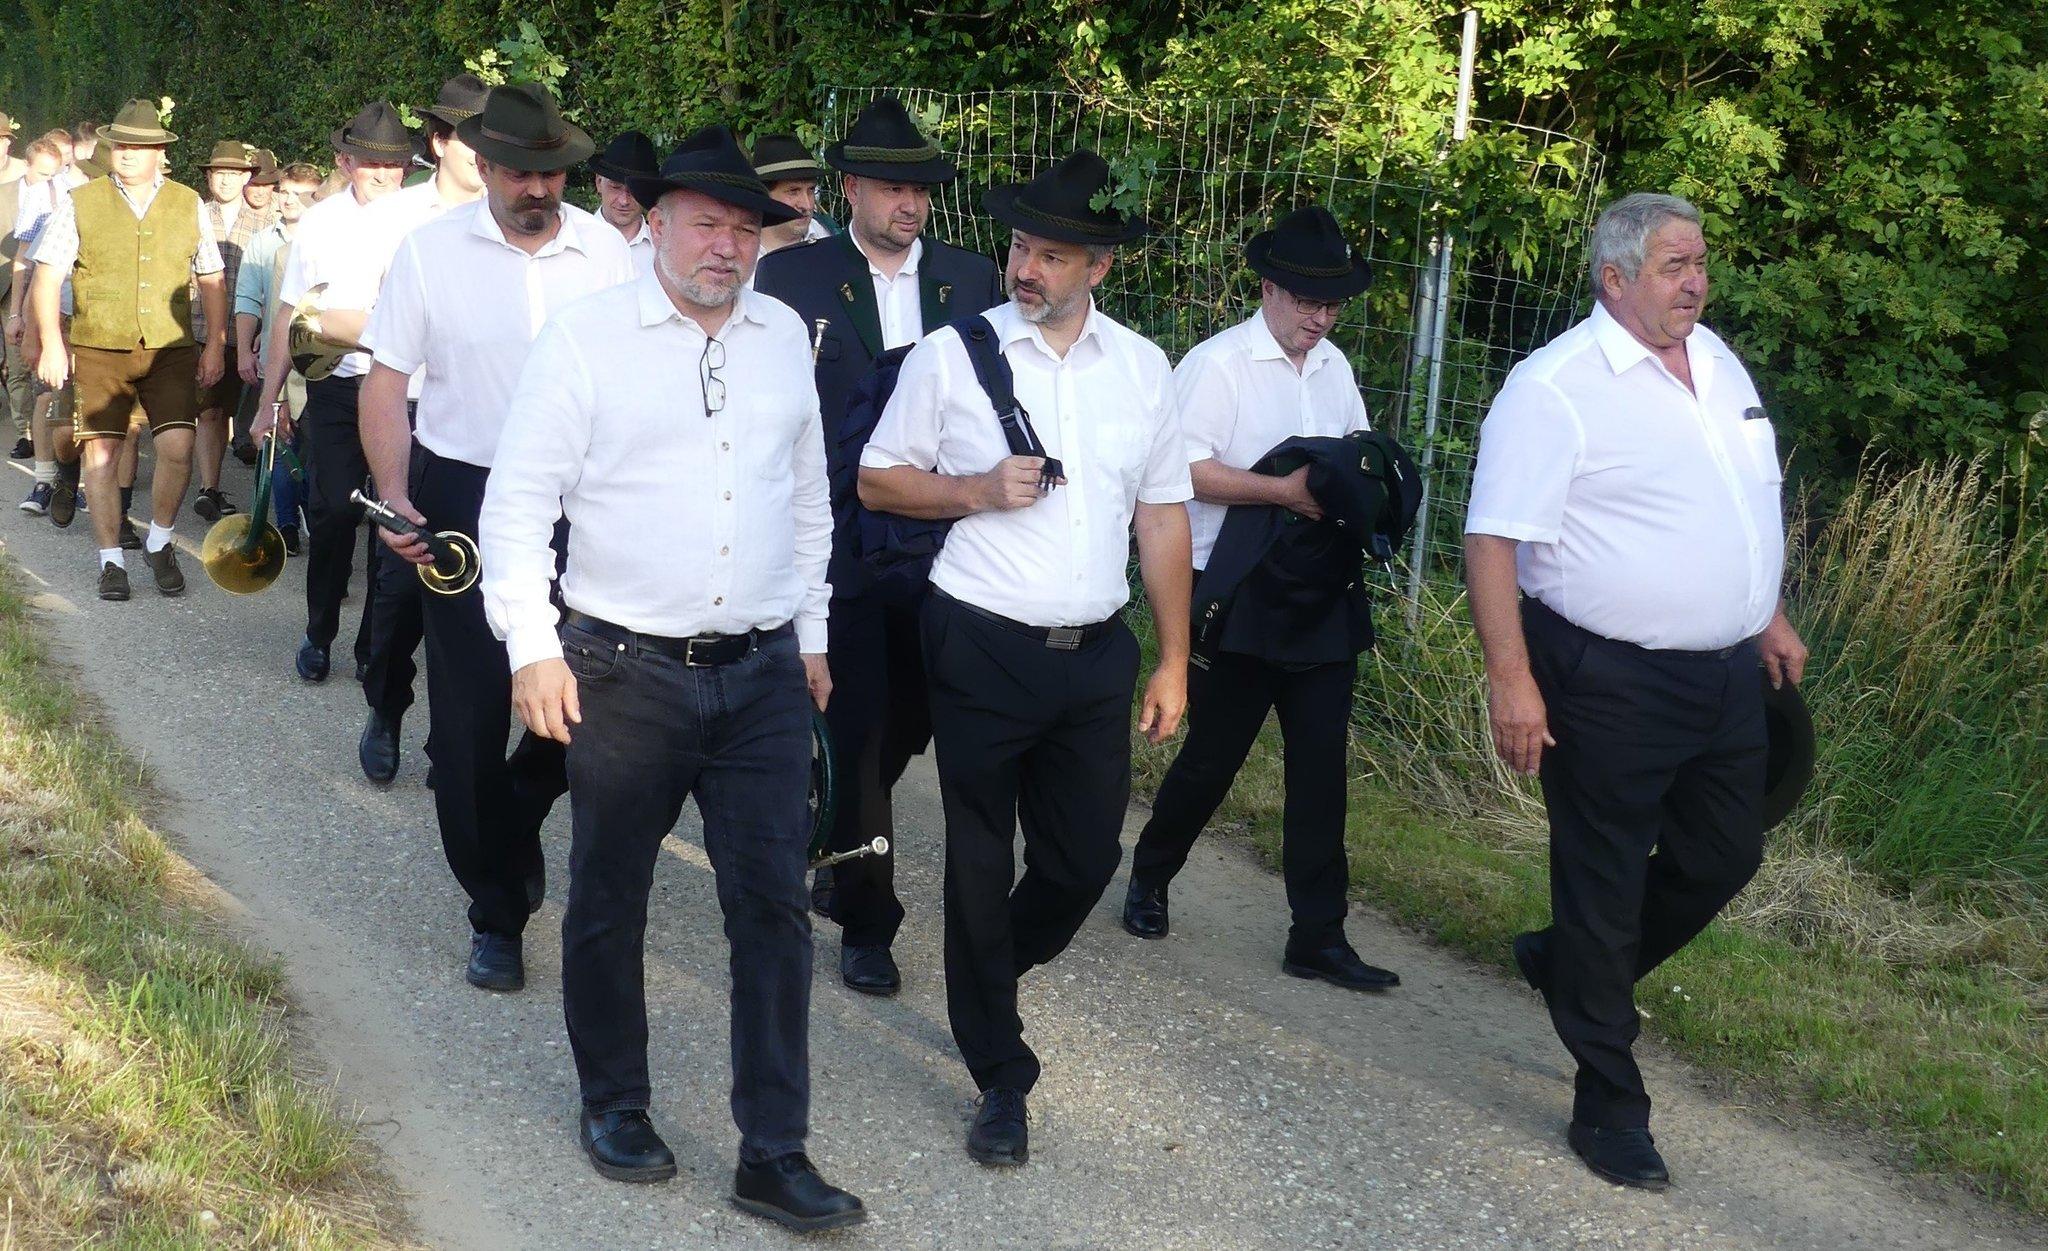 Jagdlicher Event im Jagdbezirk Mistelbach!: Jäger luden zur Hubertusmesse und zur anschließenden Agape!